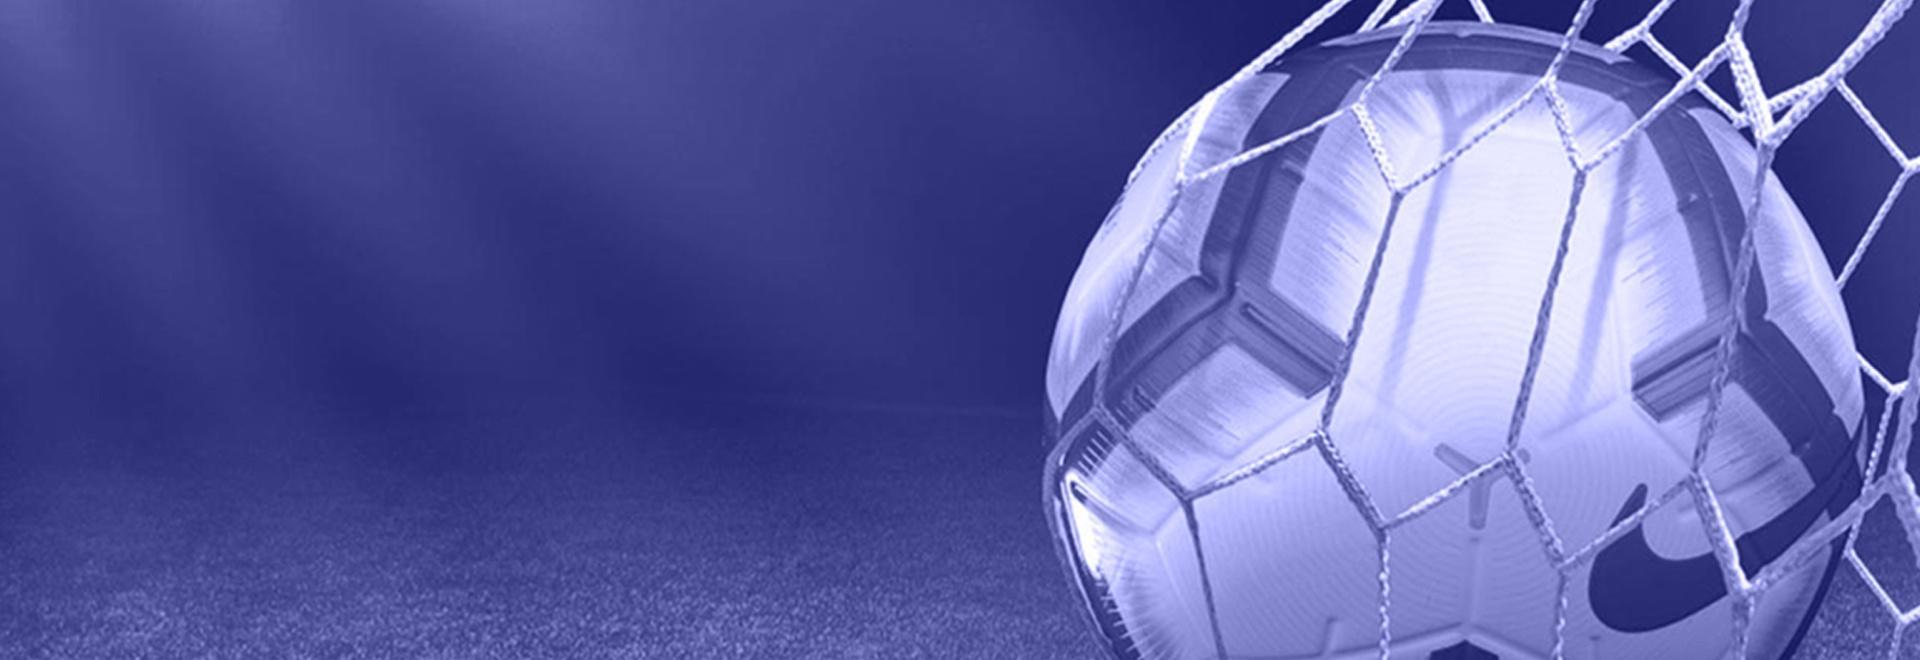 Napoli - Juventus 03/03/19. 26a g.